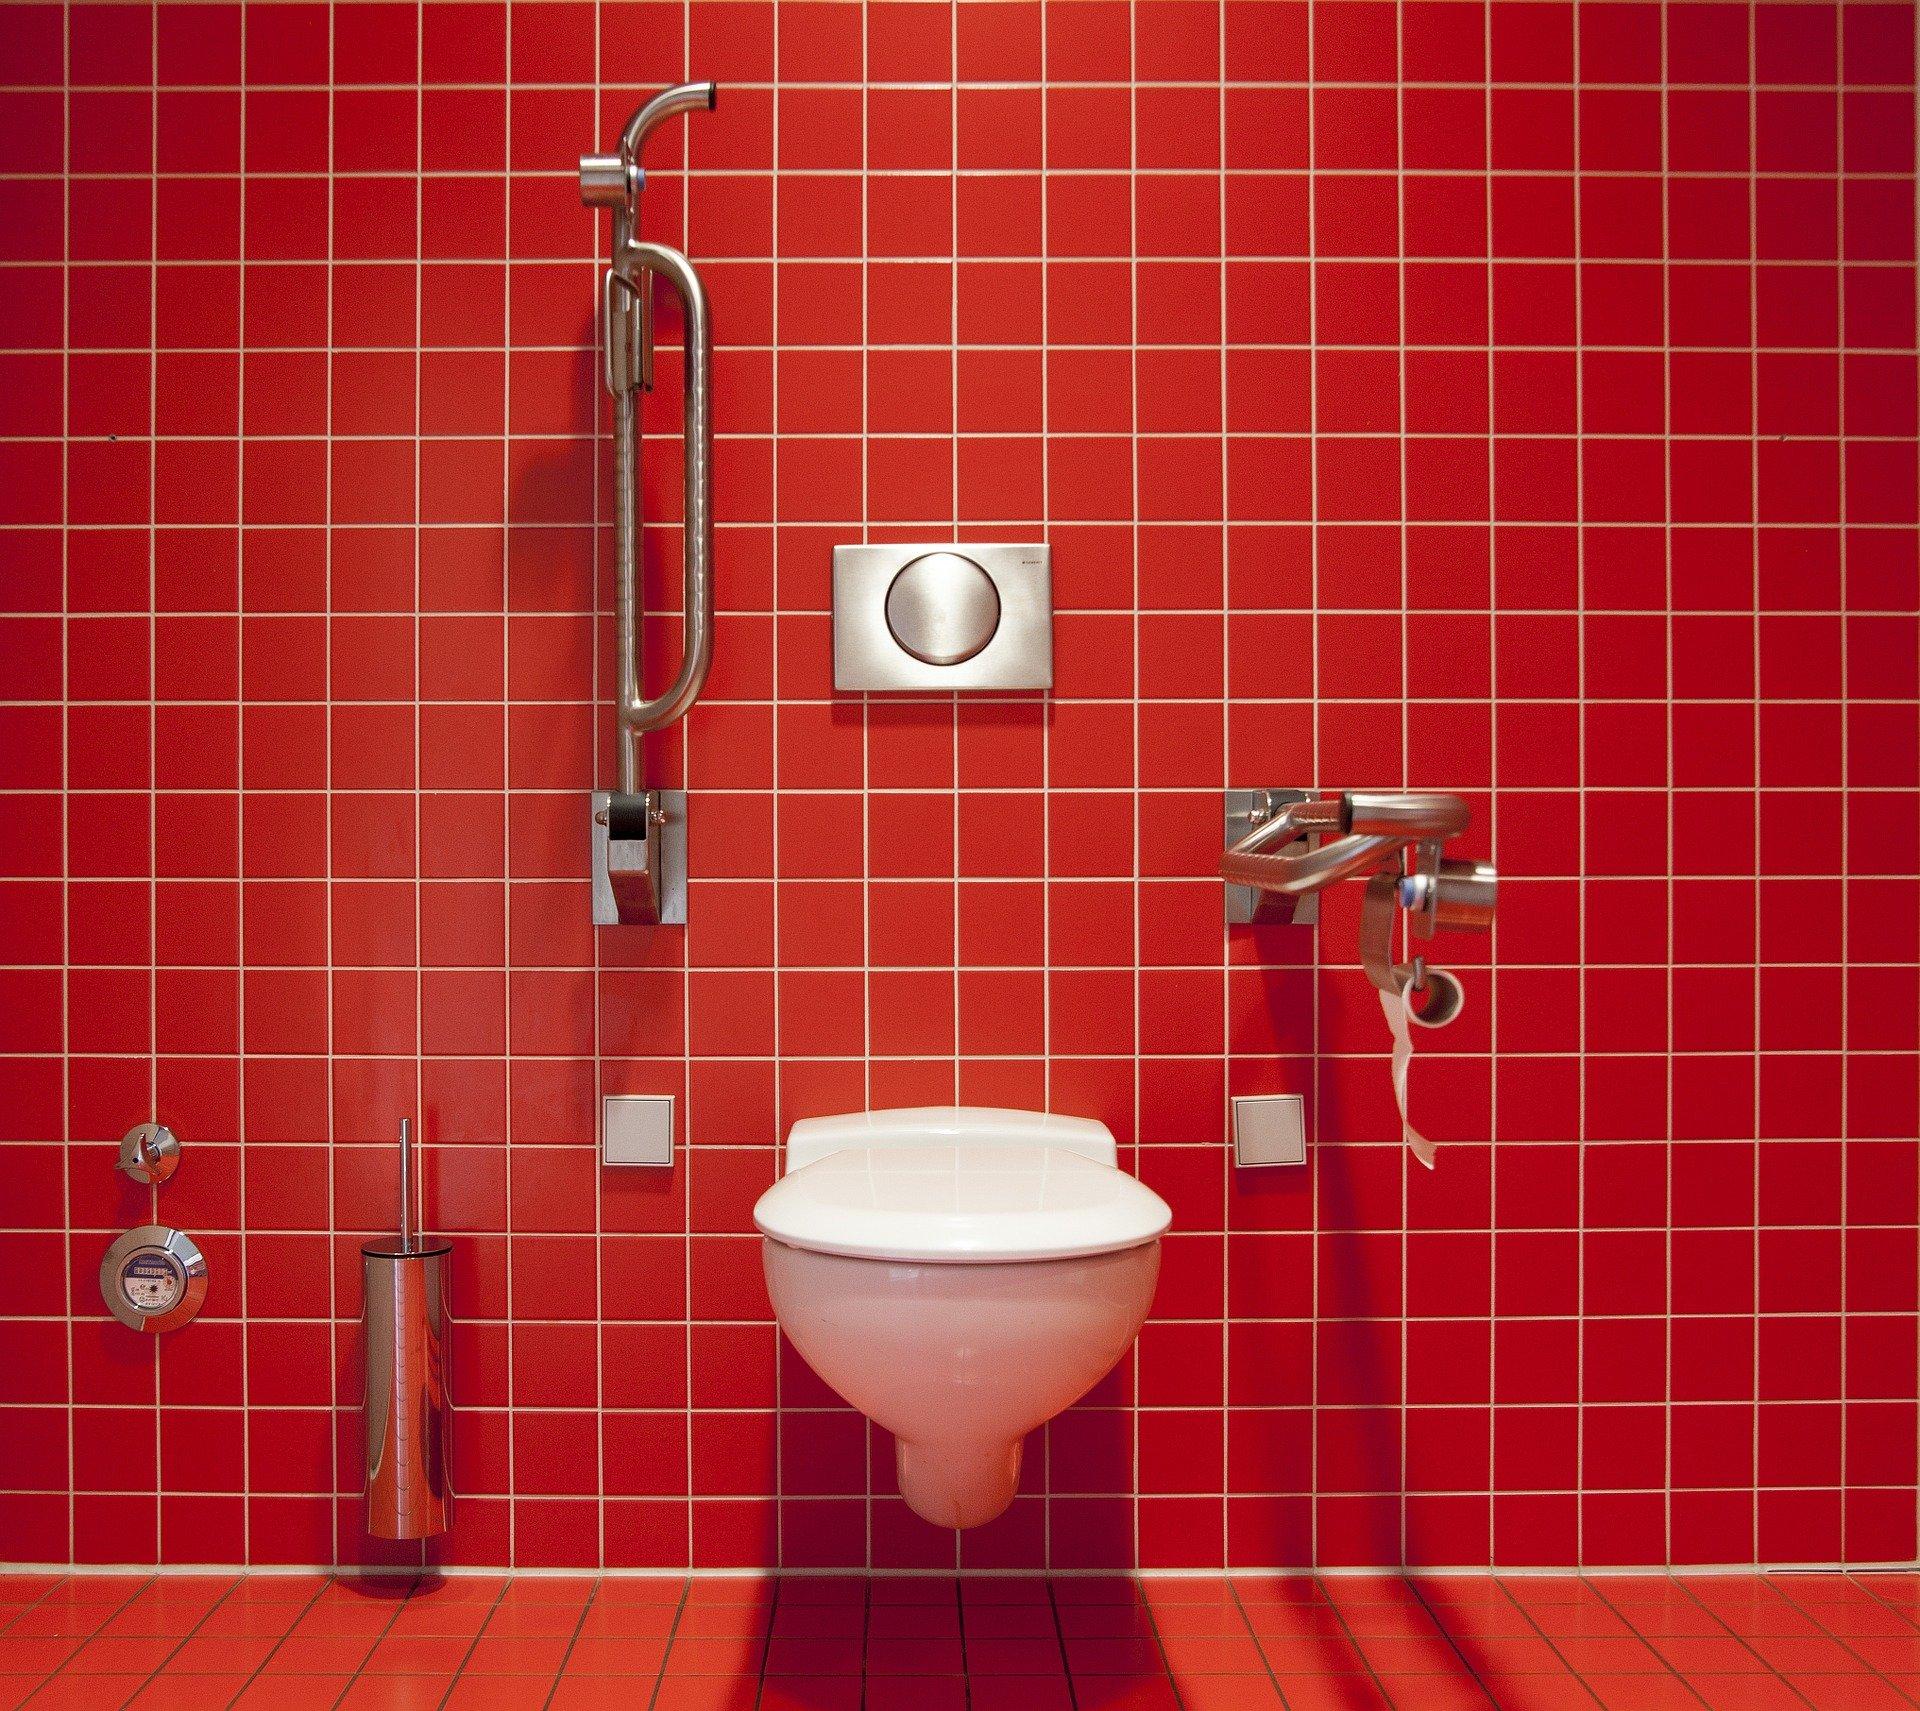 Comment faire déboucher une toilette ?